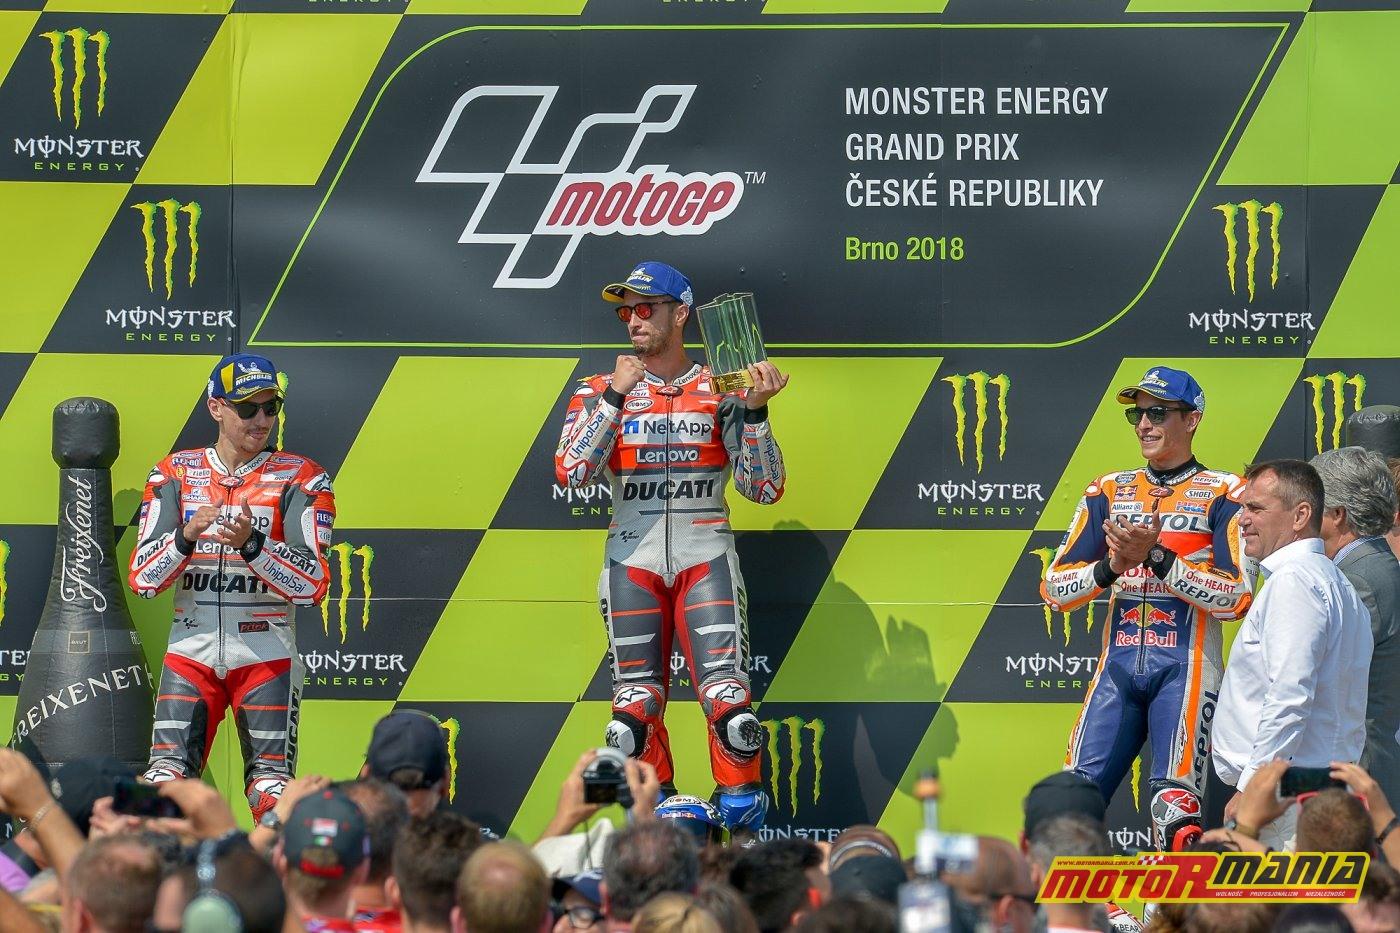 Wyścig MotoGP Brno 2018 - fot Waldek Walerczuk (81)